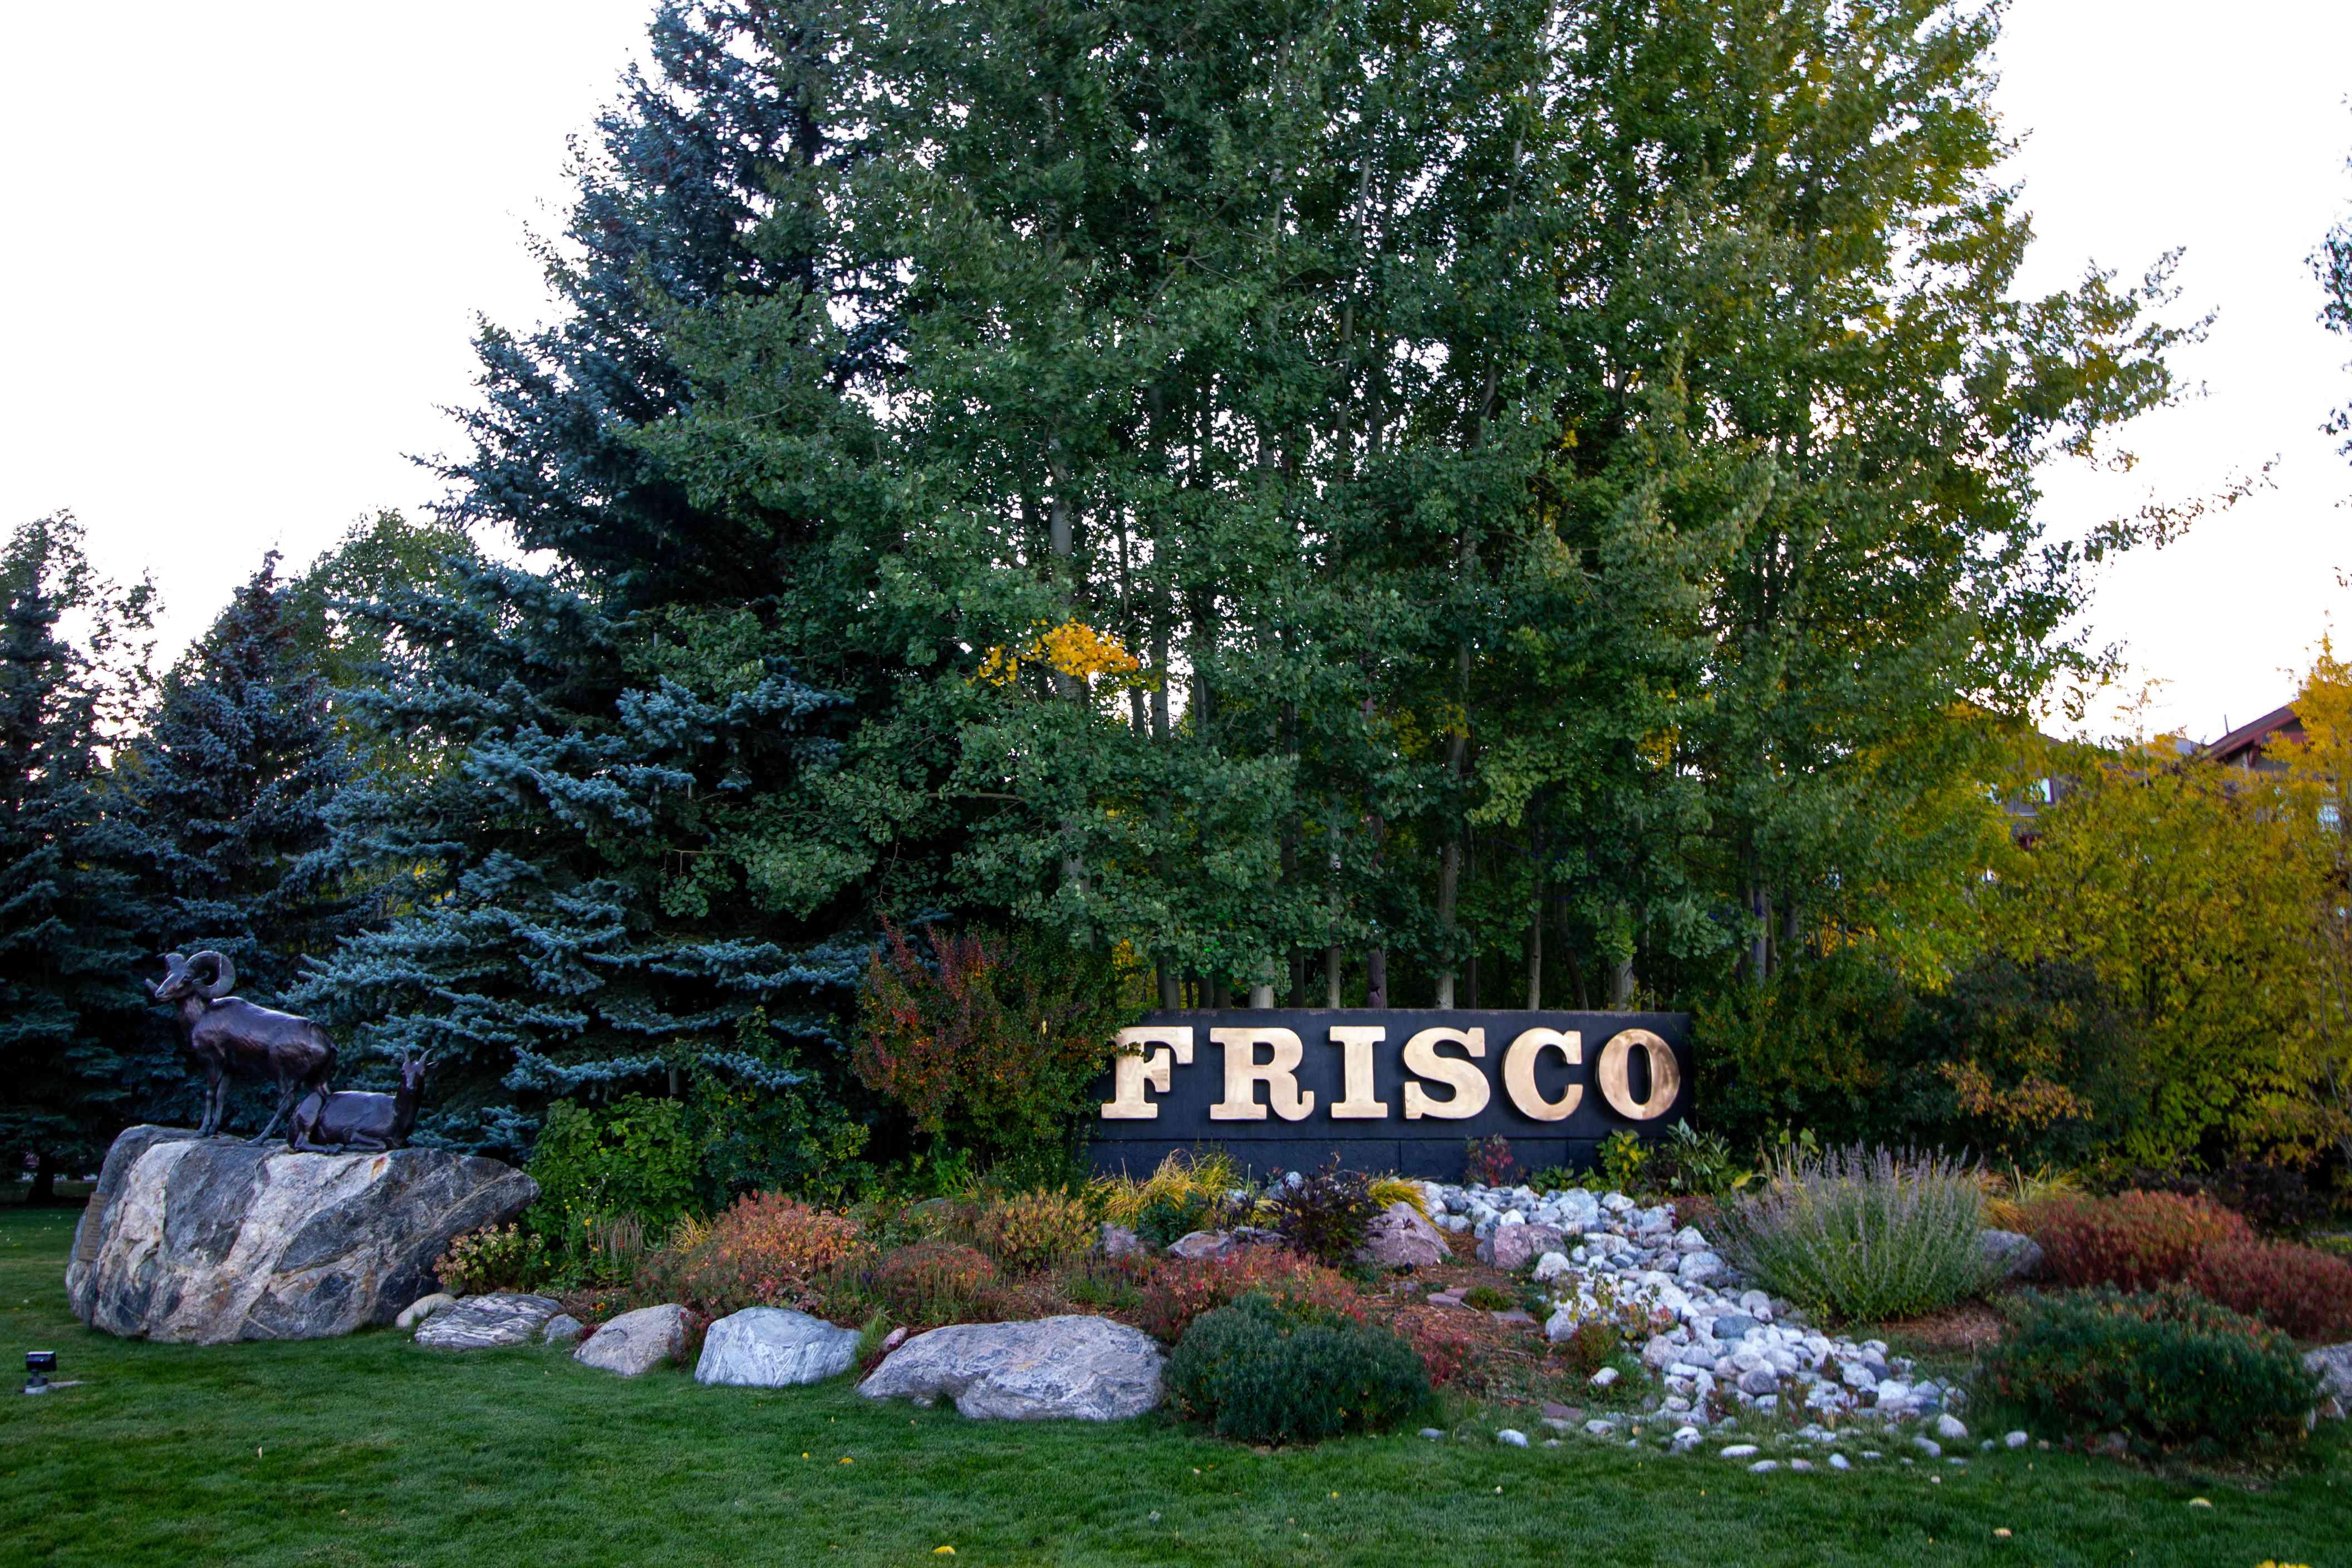 Signage for Frisco, Colorado